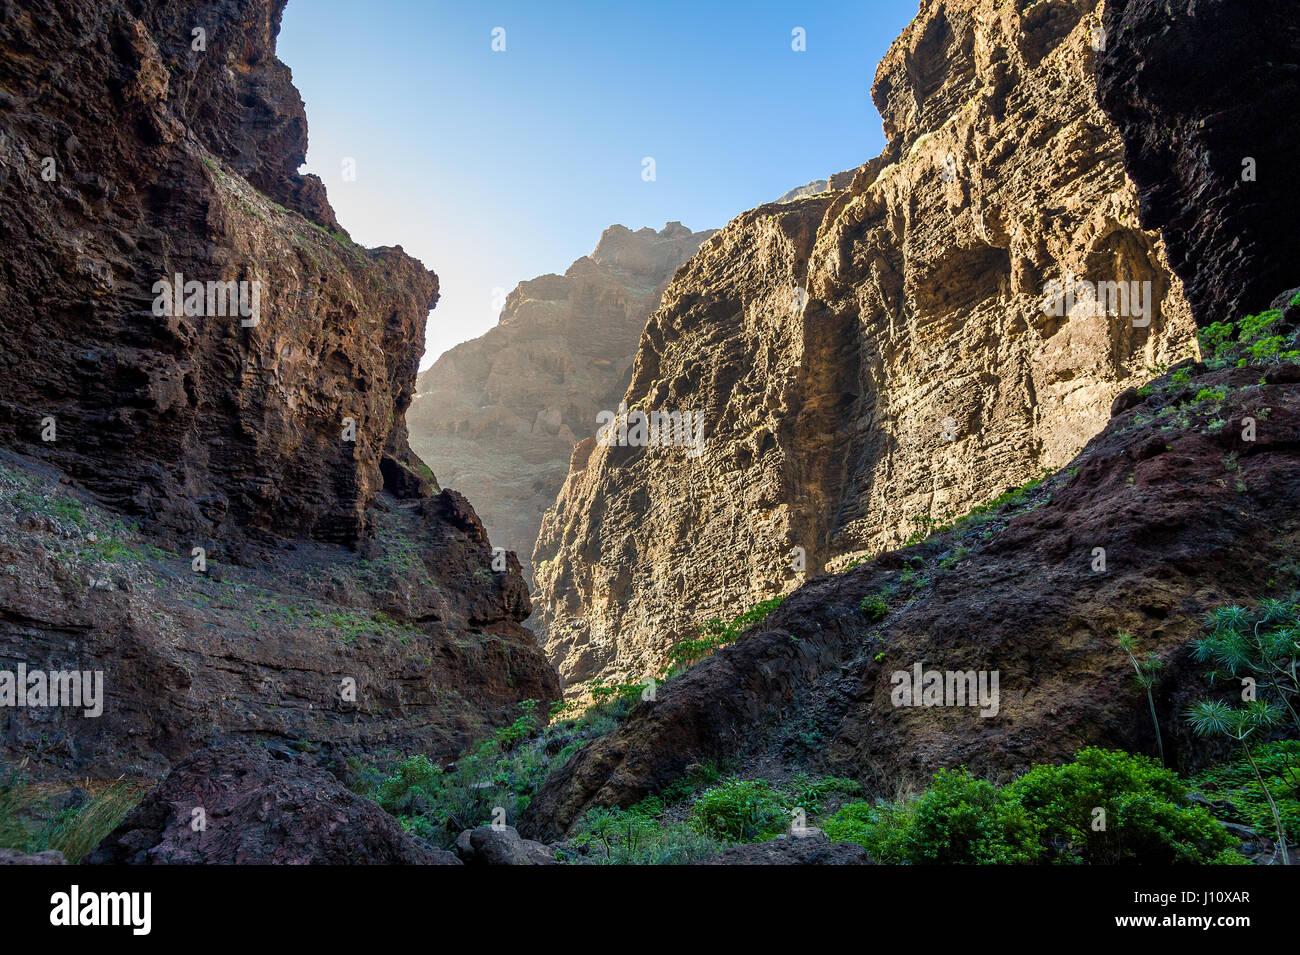 Noche en rocas de Masca, Tenerife Imagen De Stock